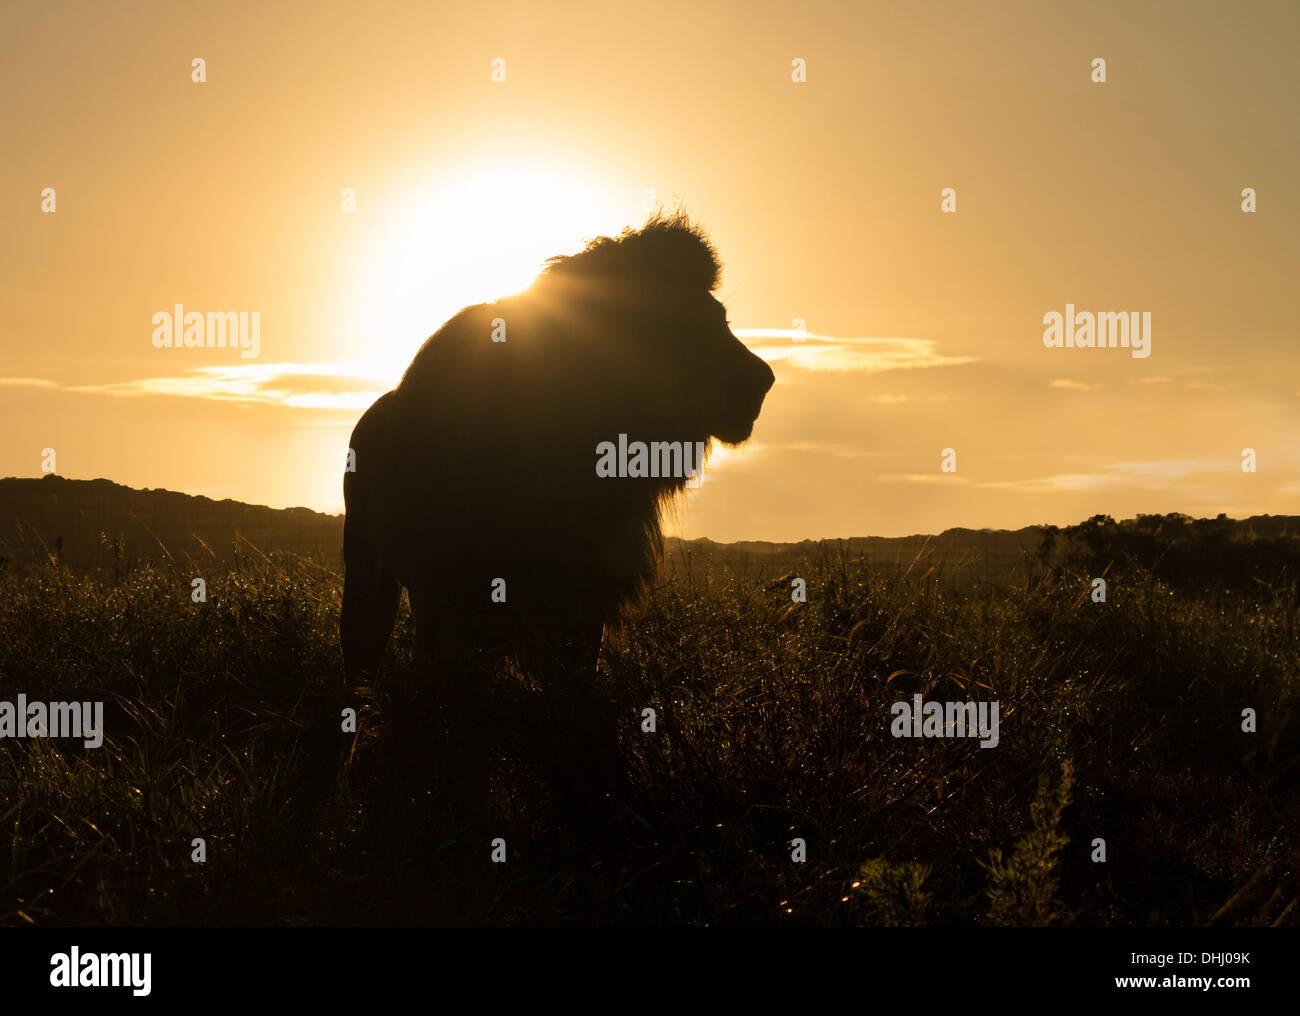 Silhouette einer alten großen männlichen Löwen in der Savanne in Südafrika bei Sonnenuntergang Stockfoto